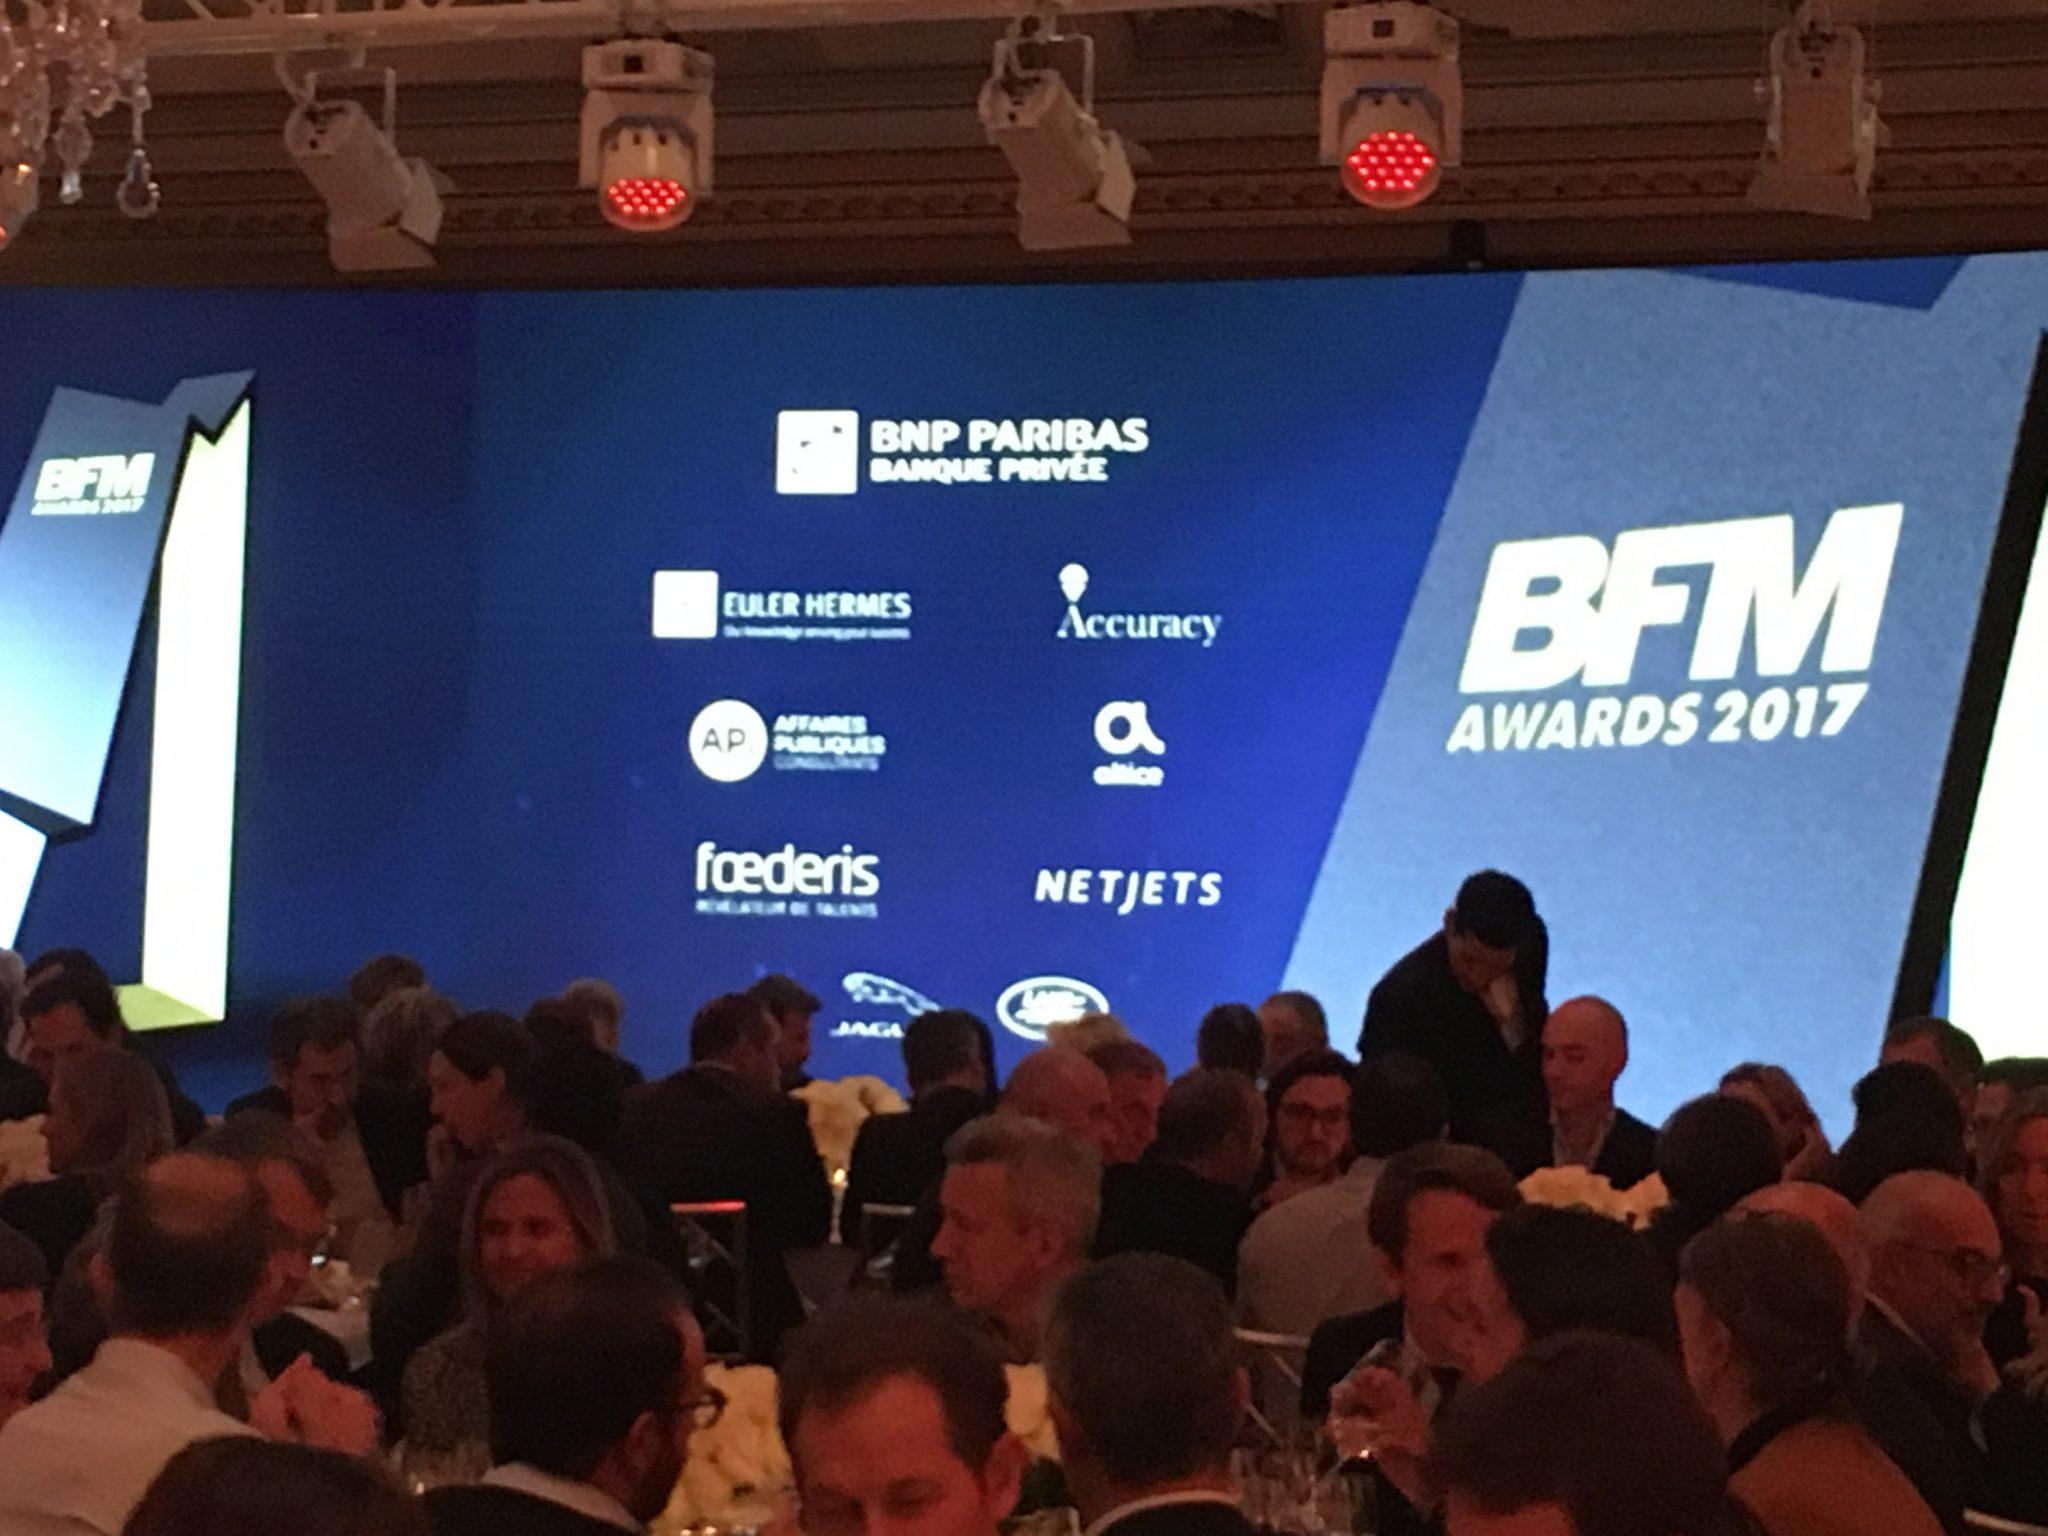 FOEDERIS, éditeur de logiciel de Gestion des Talents partenaire des BFM AWARDS 2017